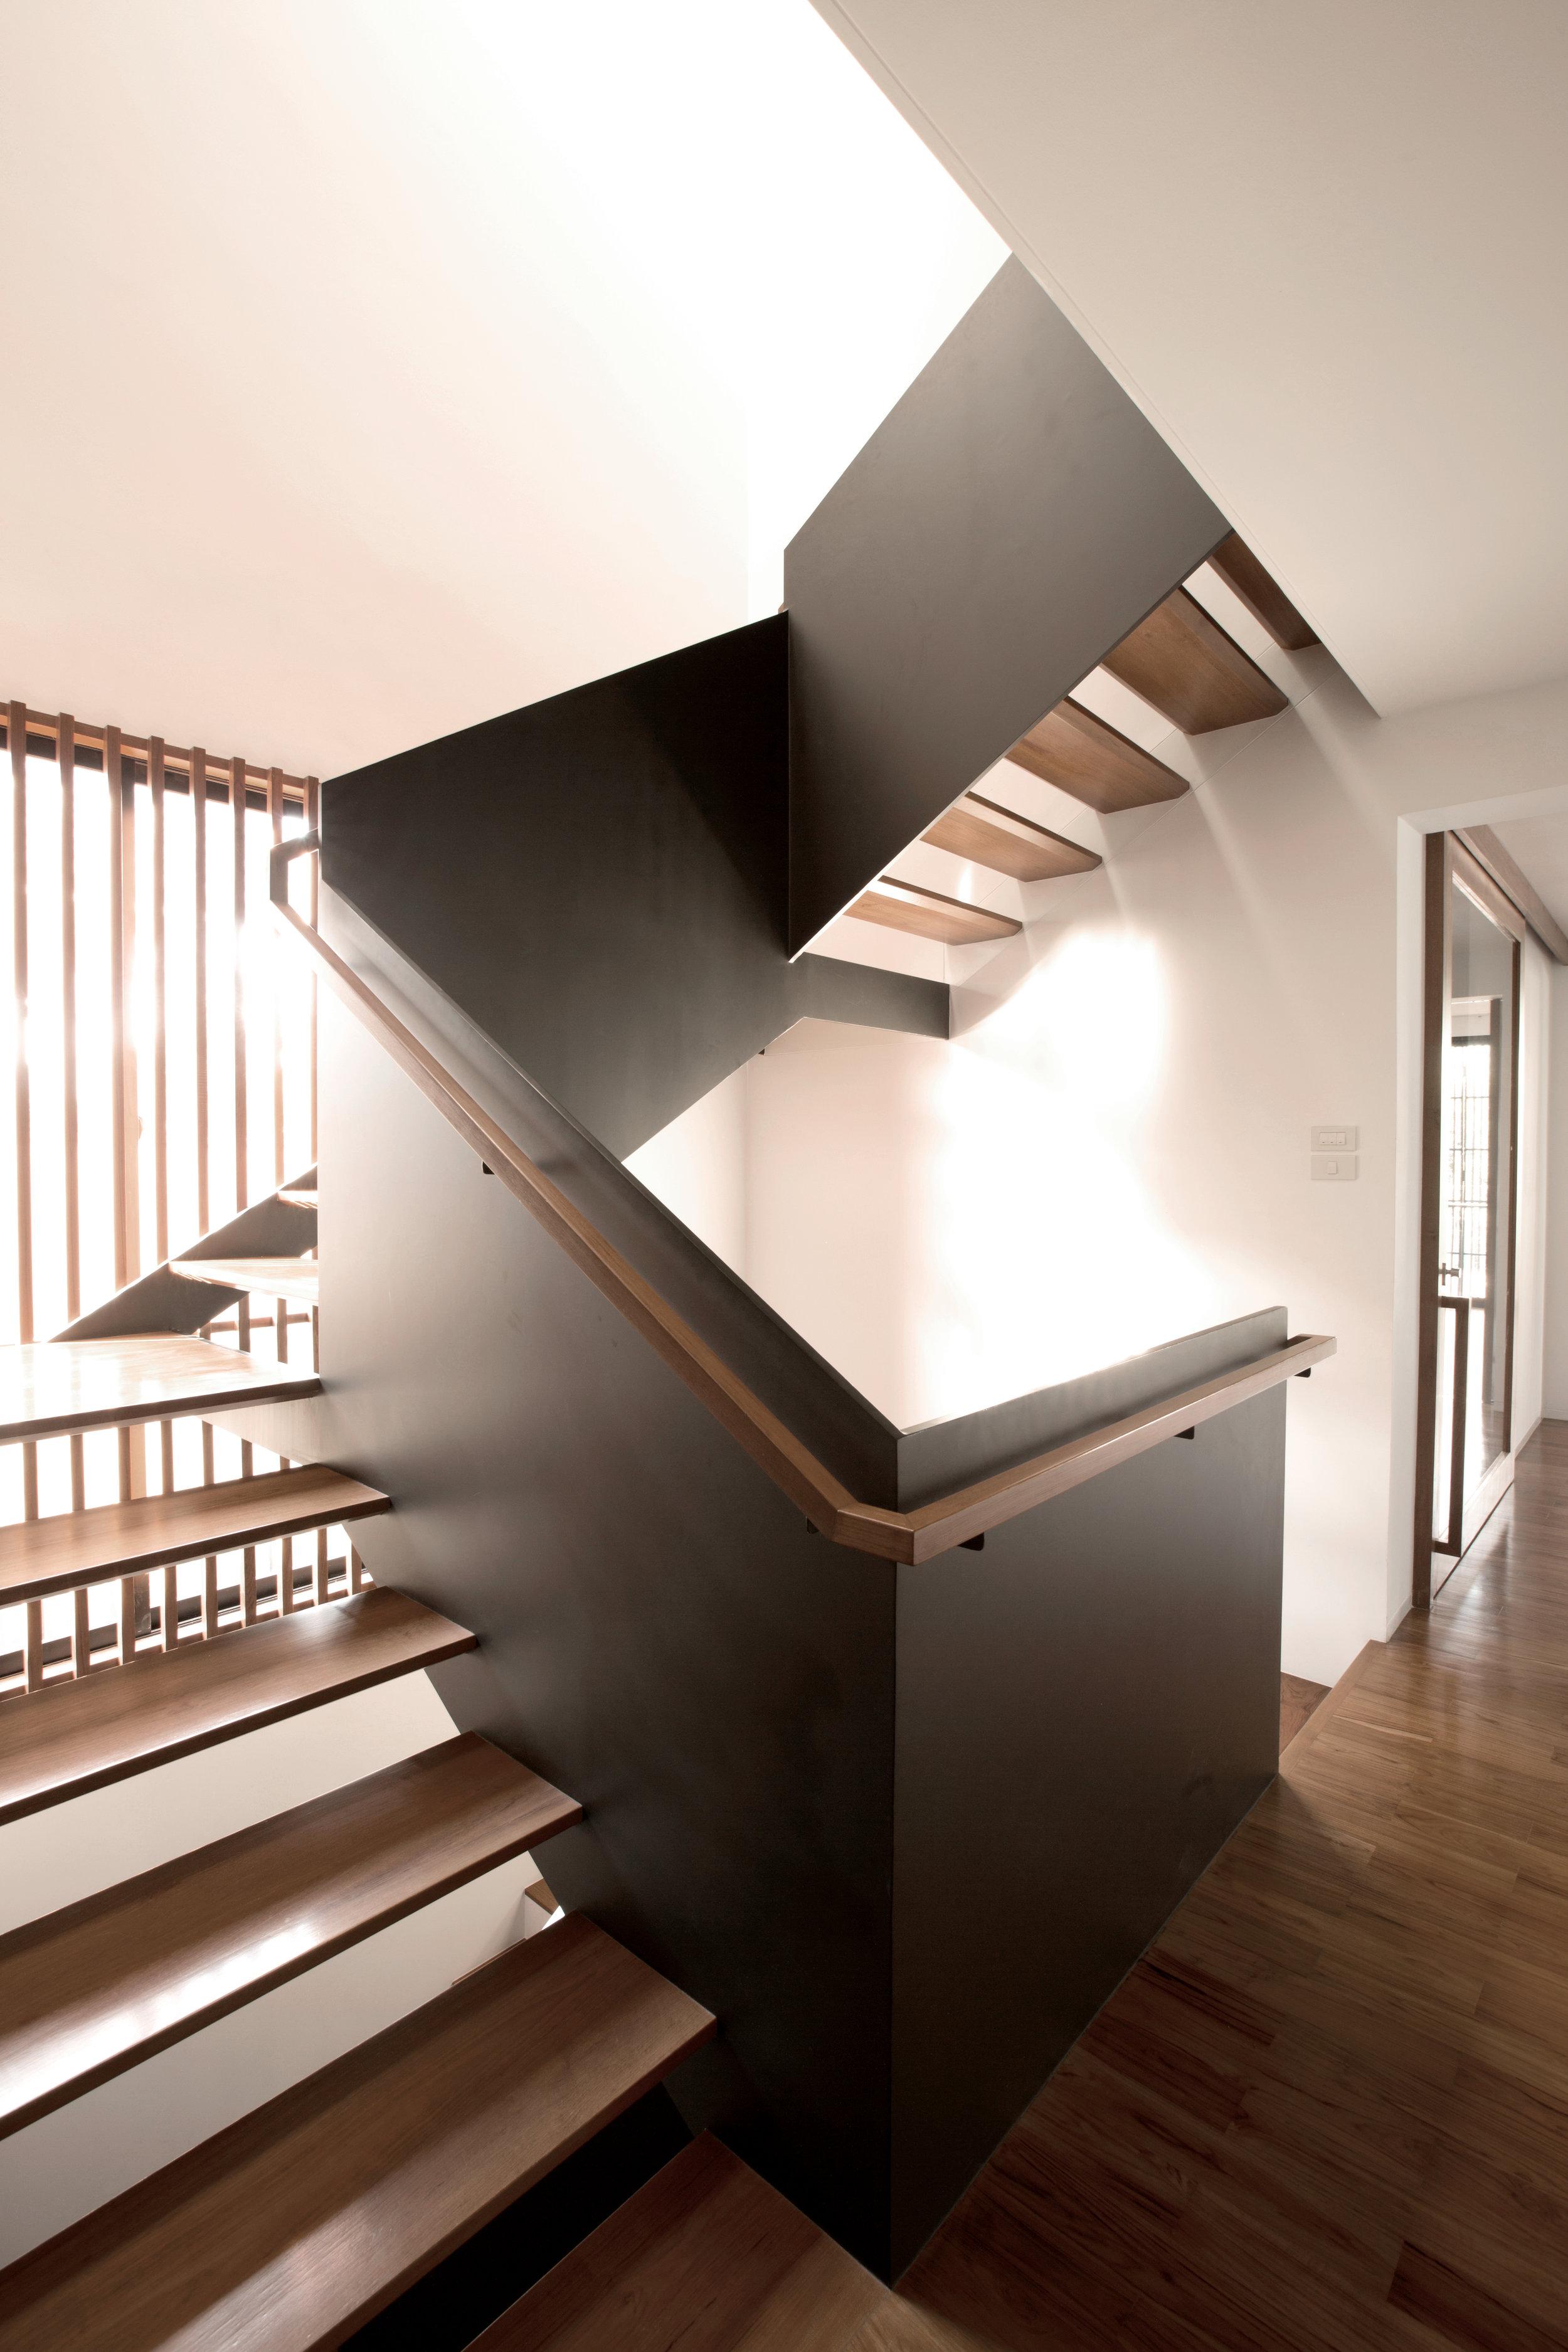 Stairs_068.jpg